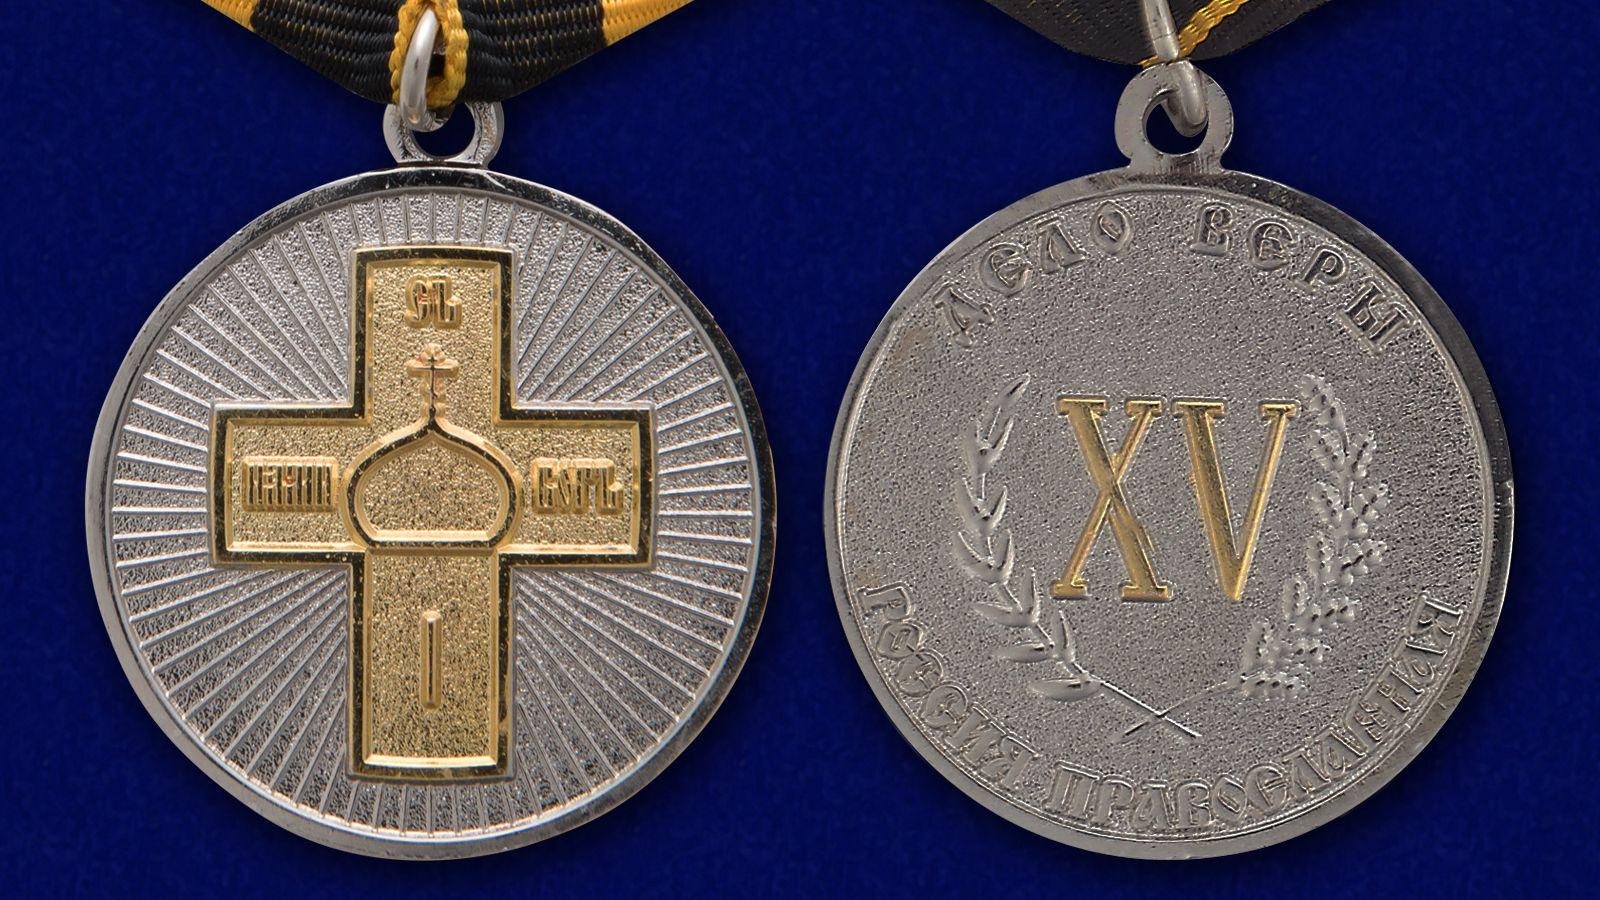 """Медаль """"Дело Веры"""" 2 степени - аверс и реверс"""